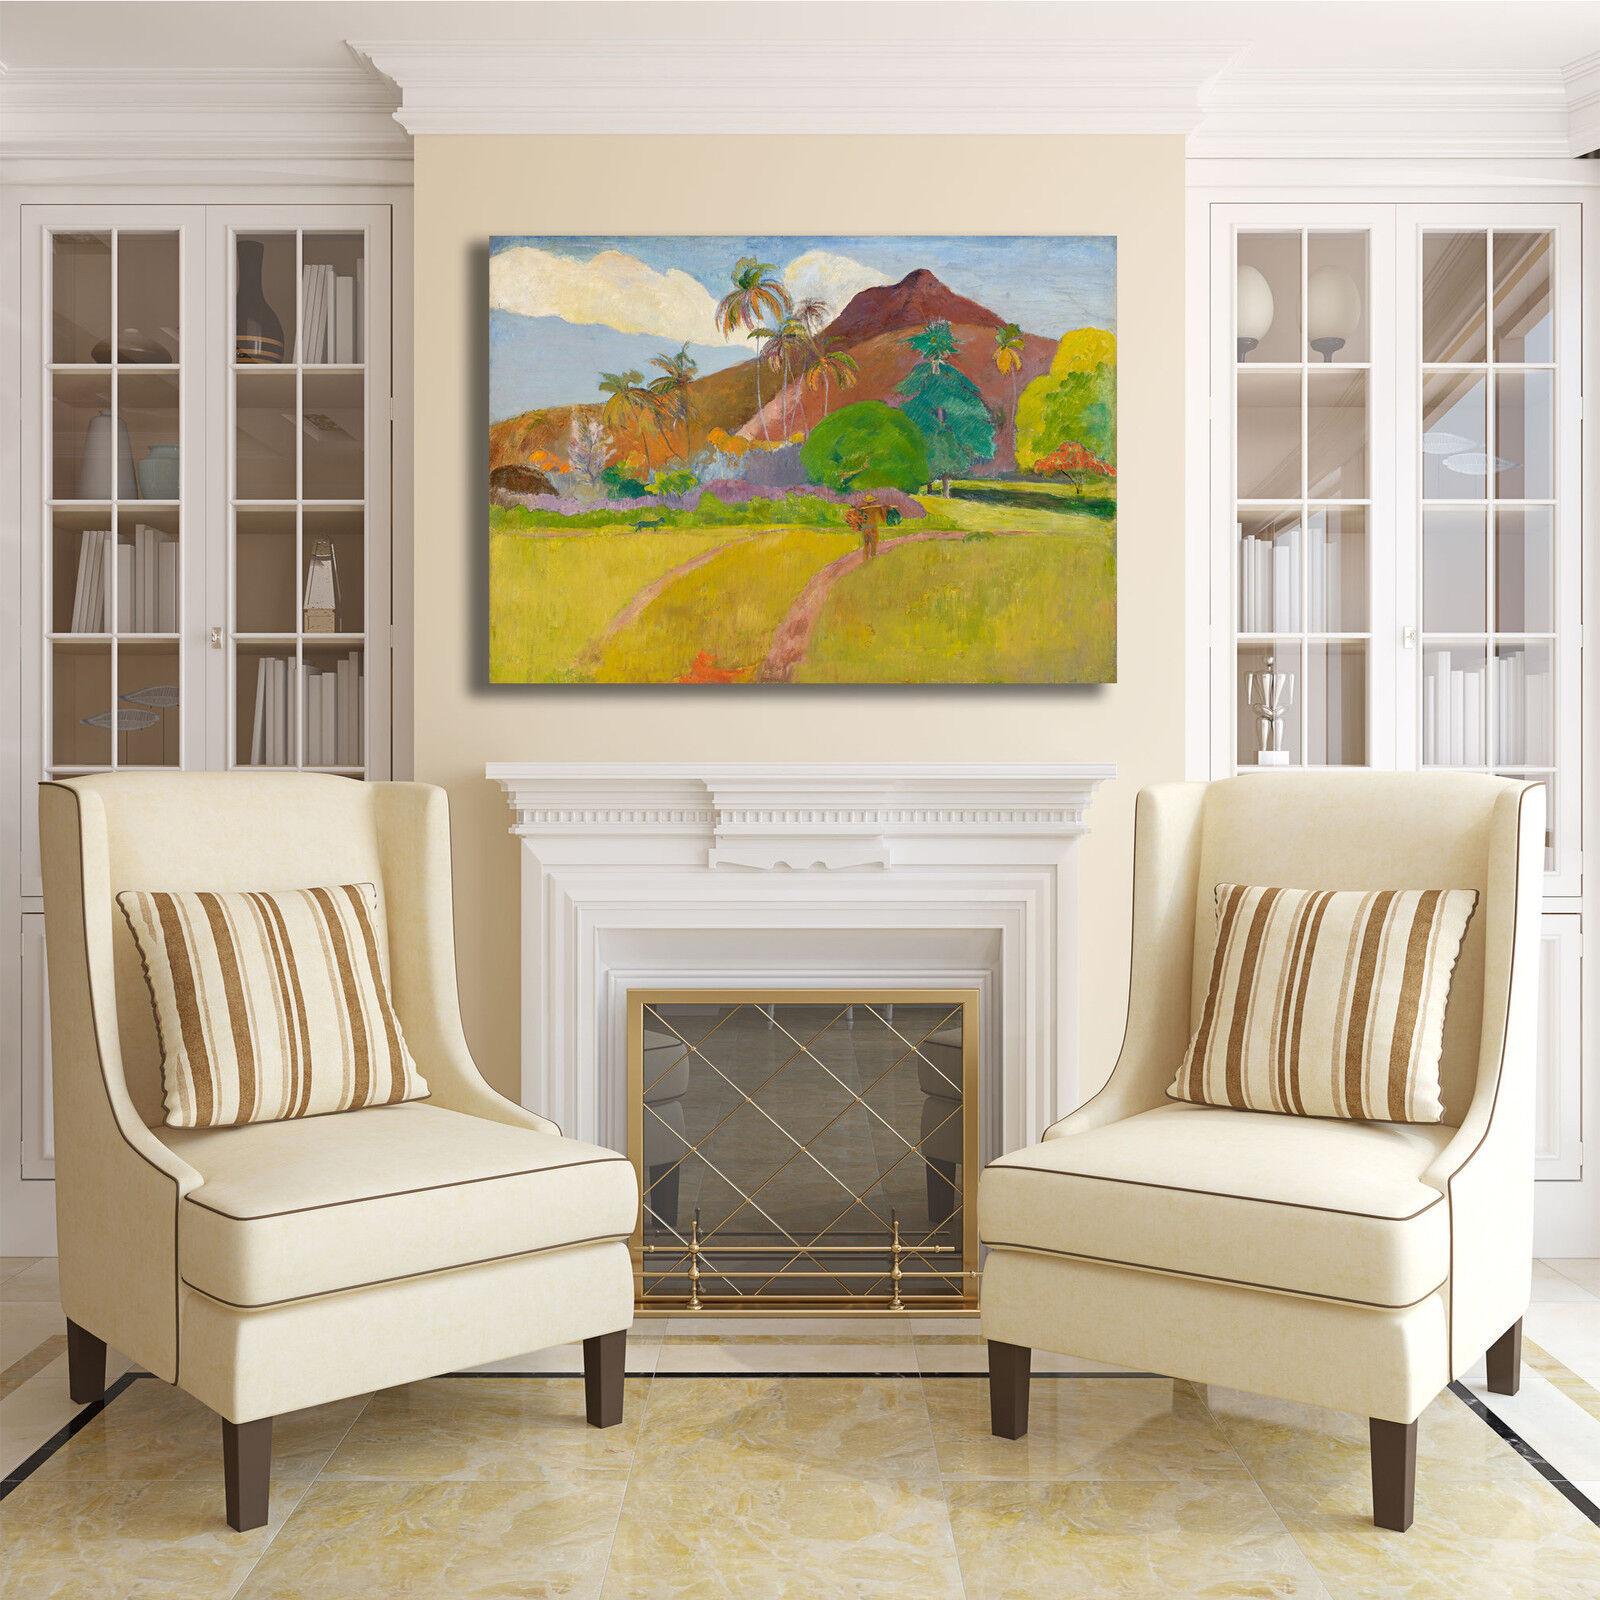 Gauguin paesaggio paesaggio Gauguin tahitiano design quadro stampa tela dipinto telaio arRouge o casa 9d0880